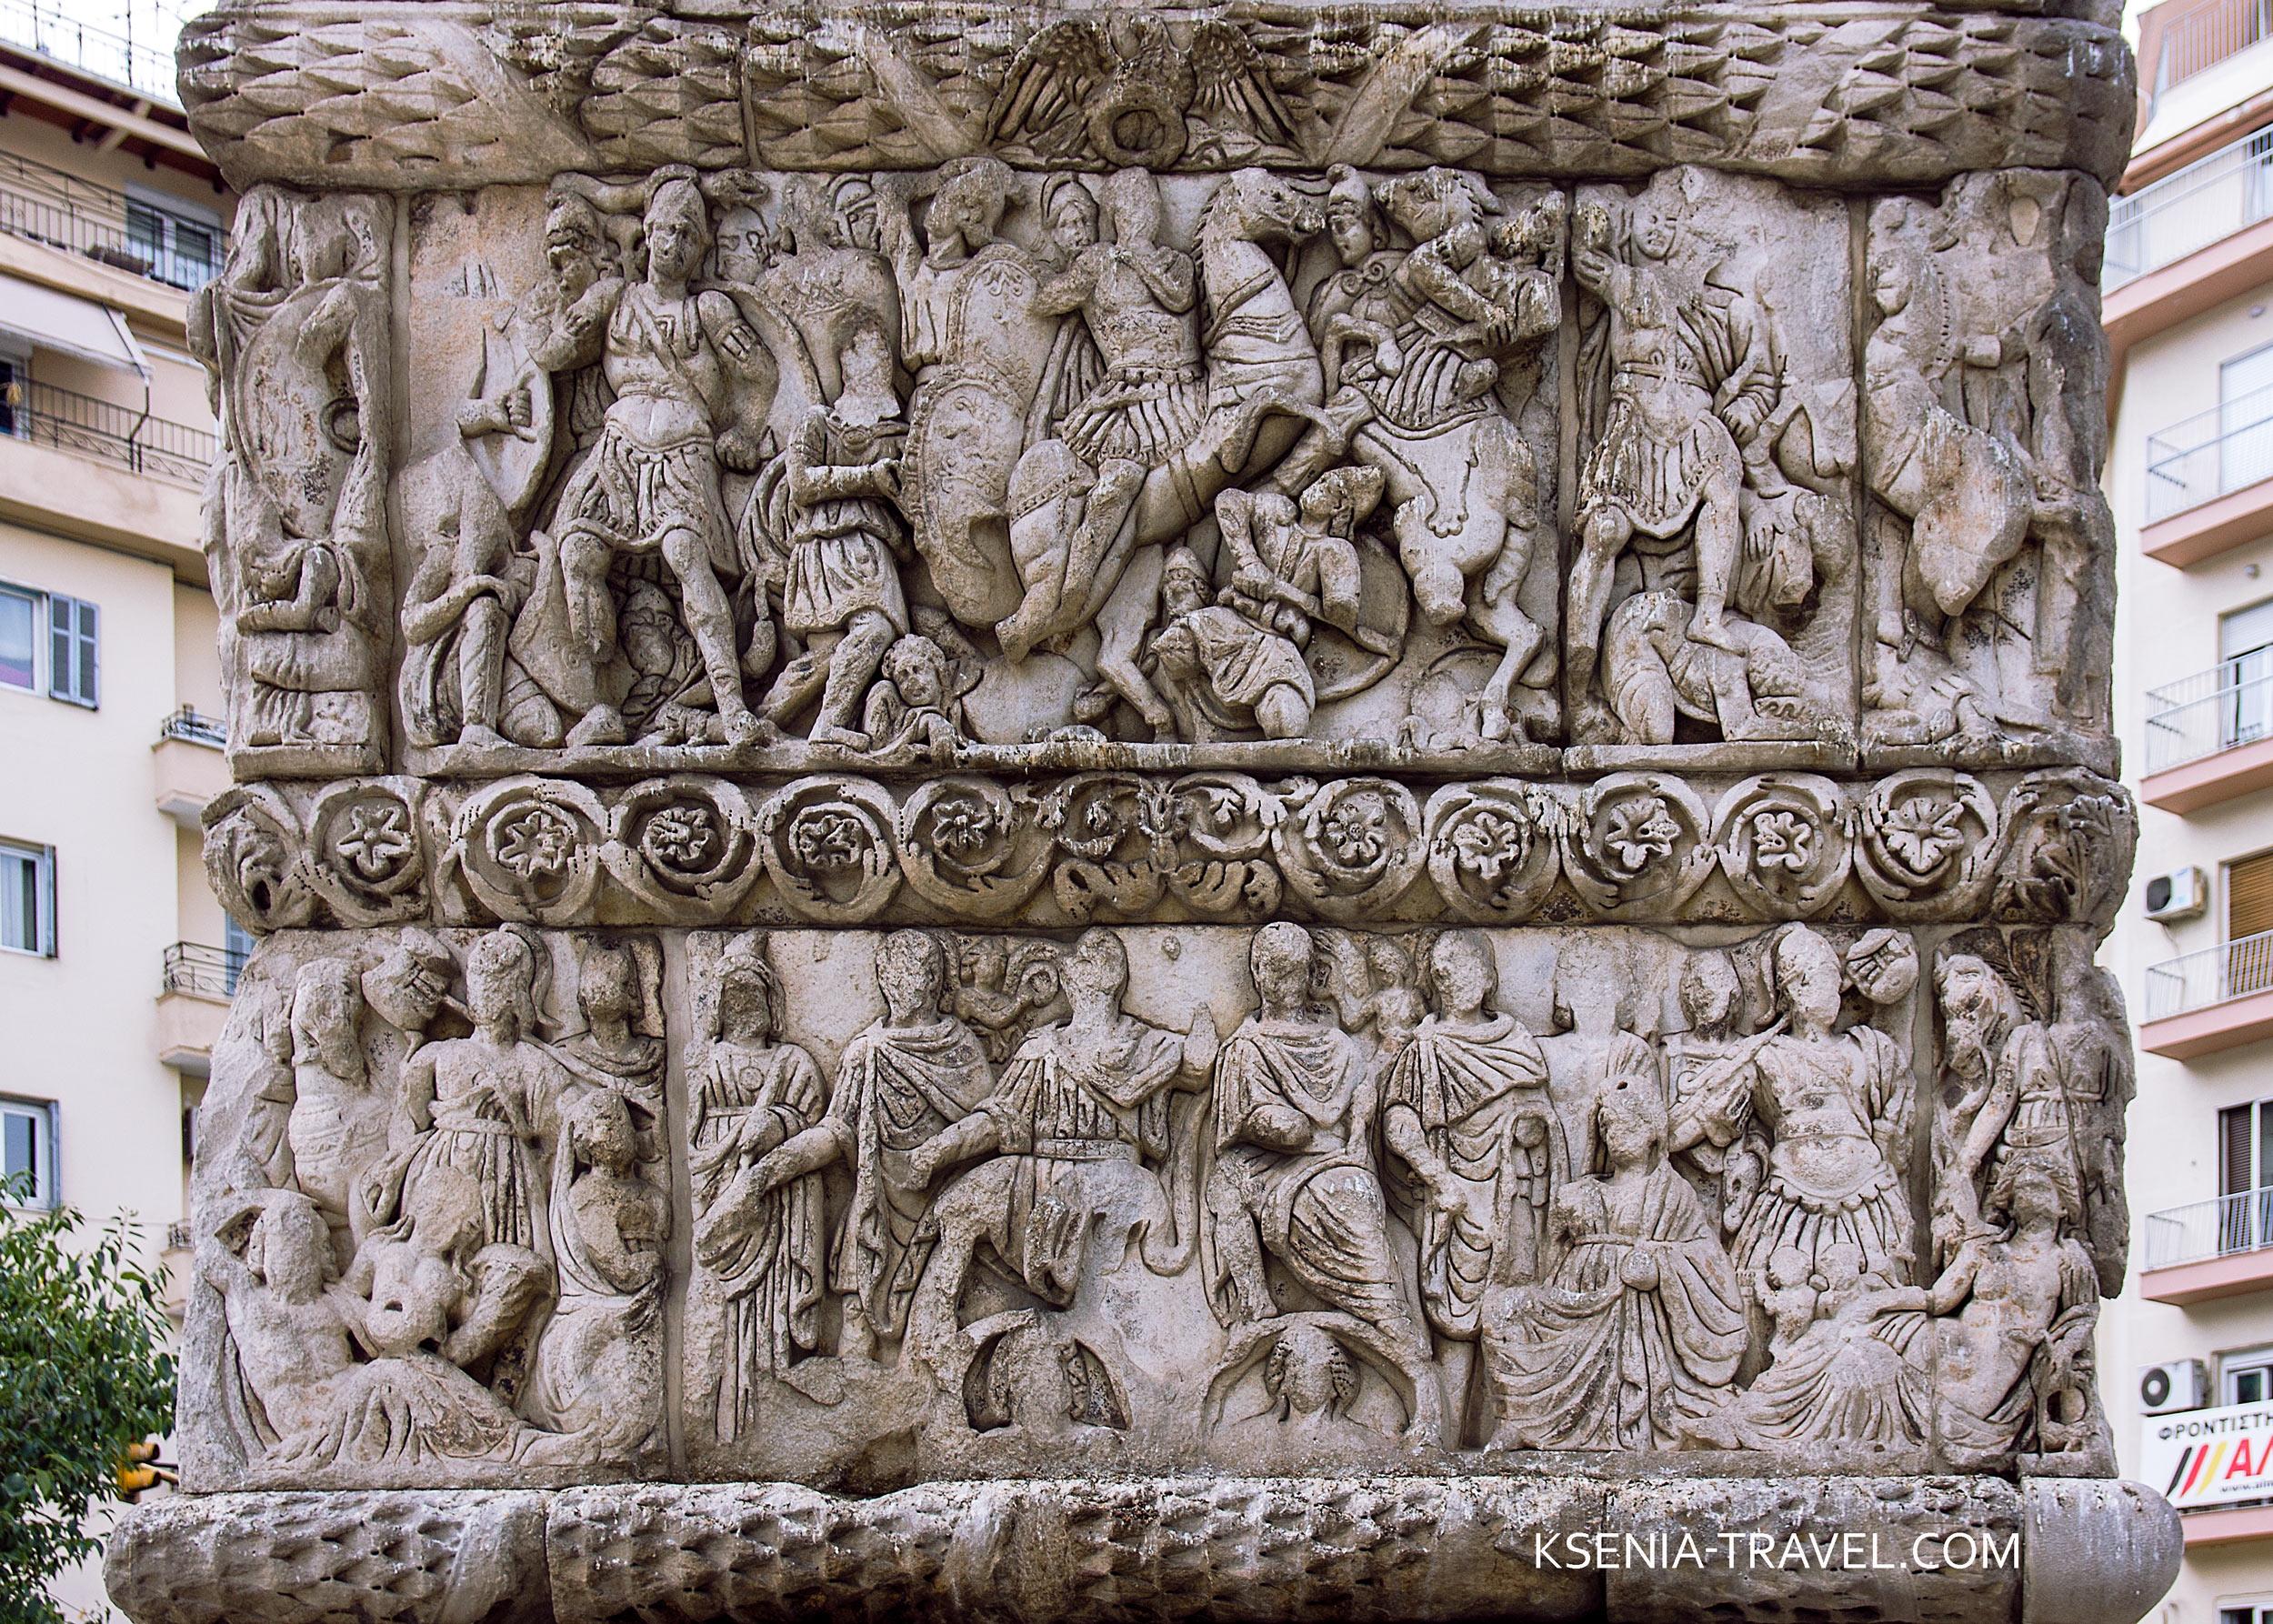 мраморные барельефы триумфальной арки императора Галерия в городе Салоники